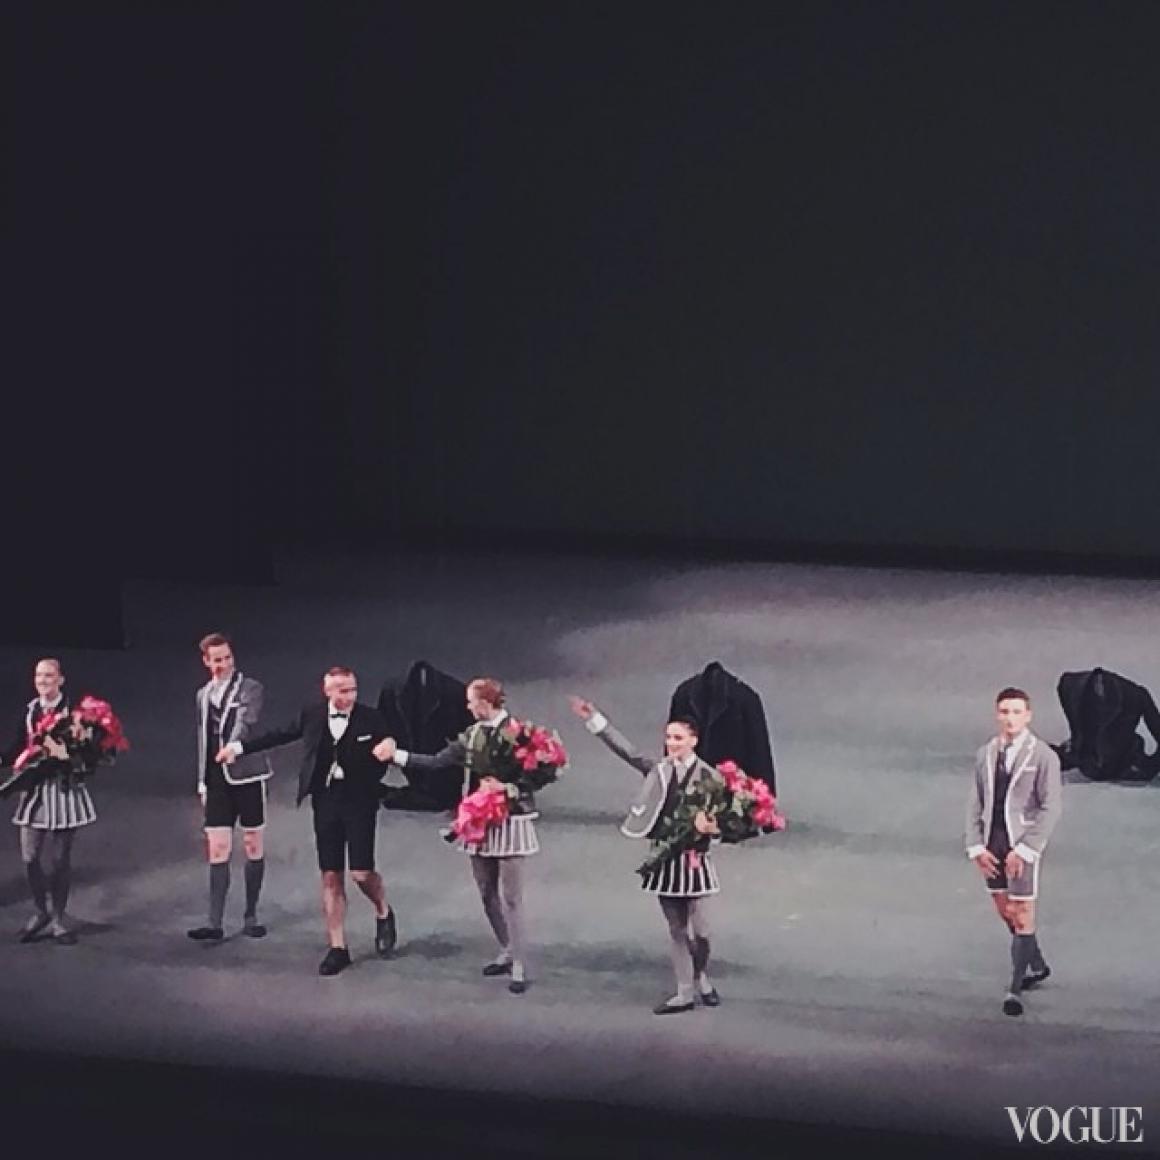 Том Браун и танцовщики в нарядах его авторства